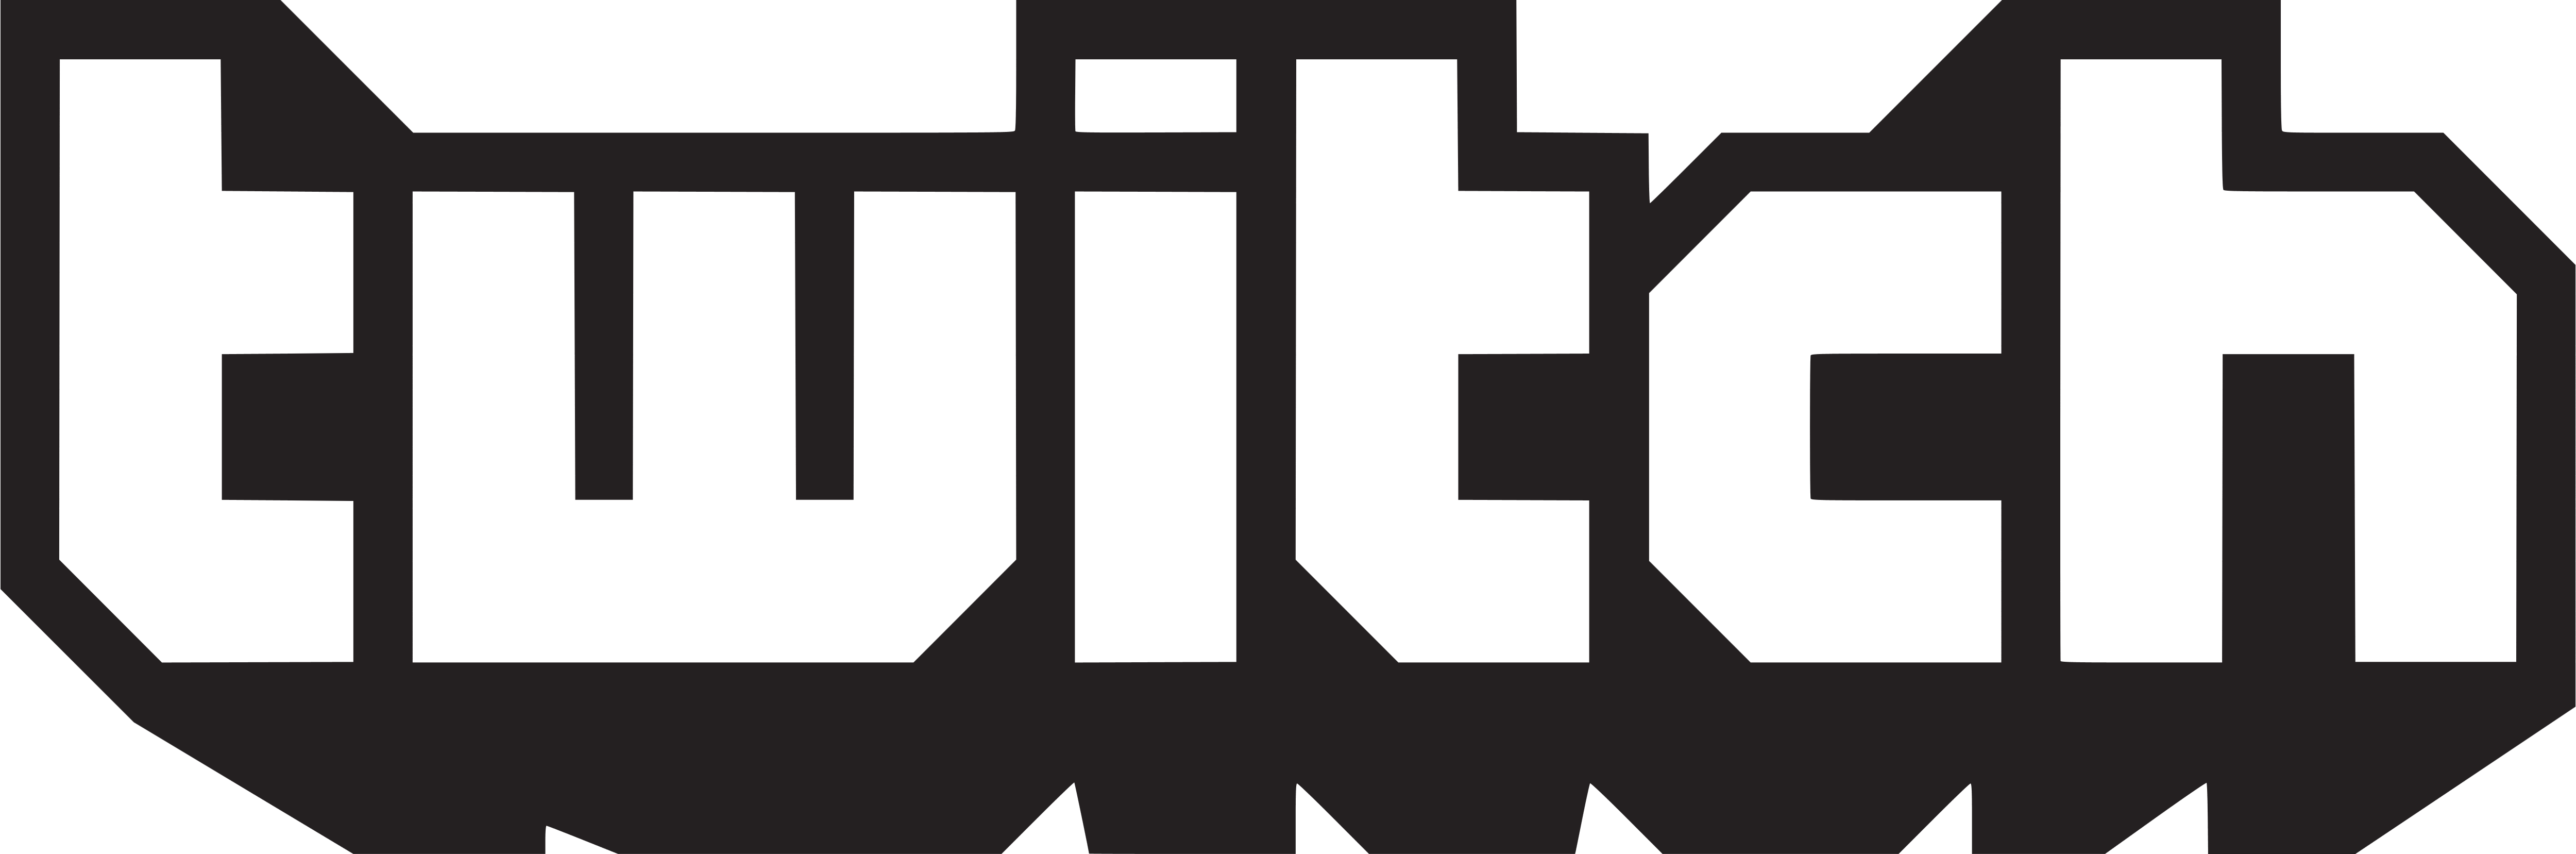 Black Twitch